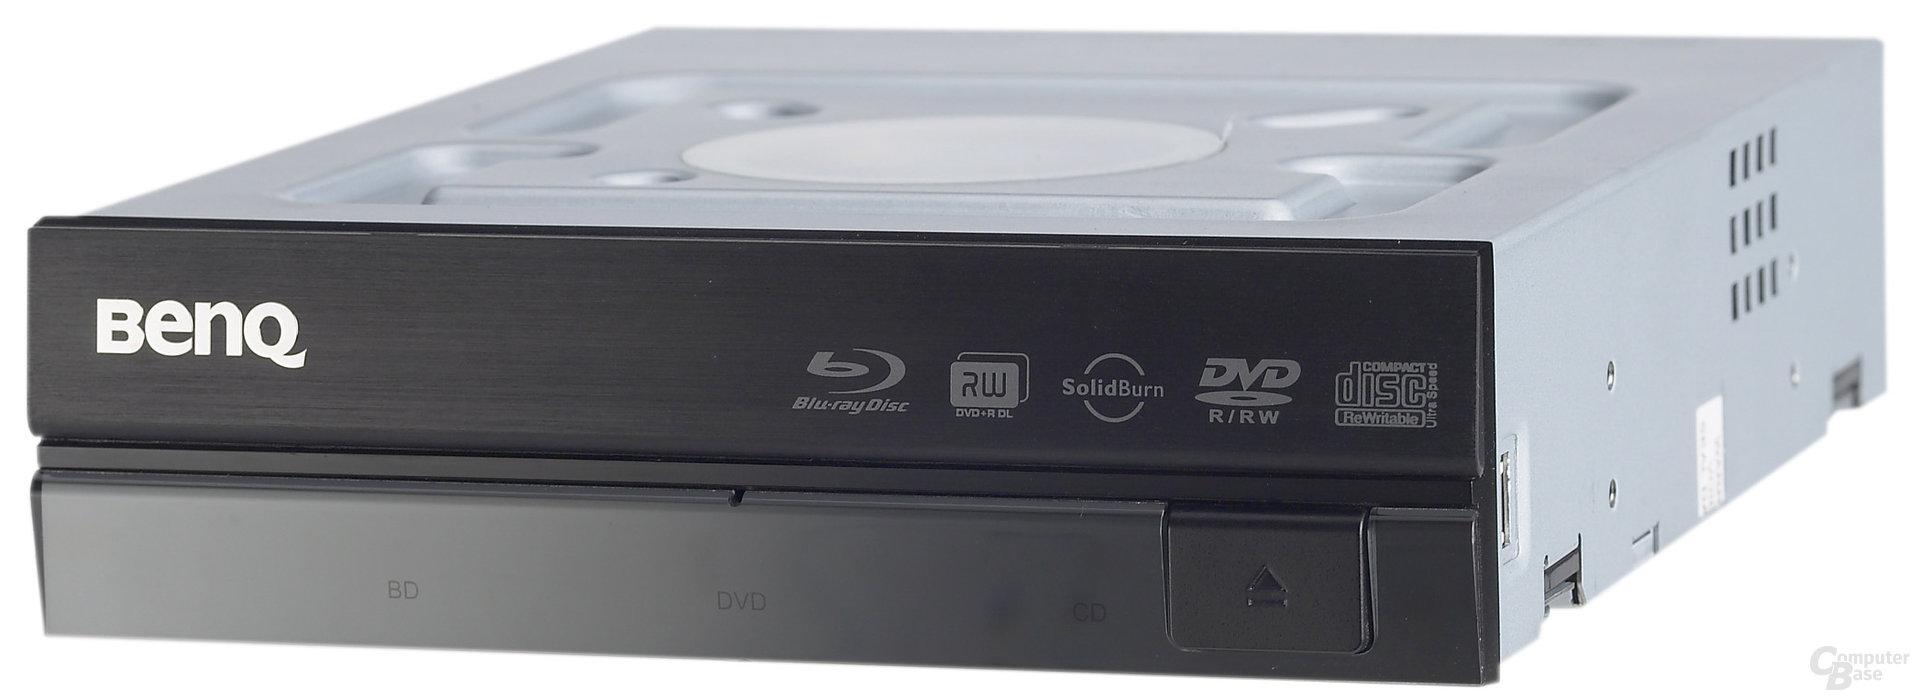 BenQ BW1000 Blu-ray-CD-DVD-Brenner